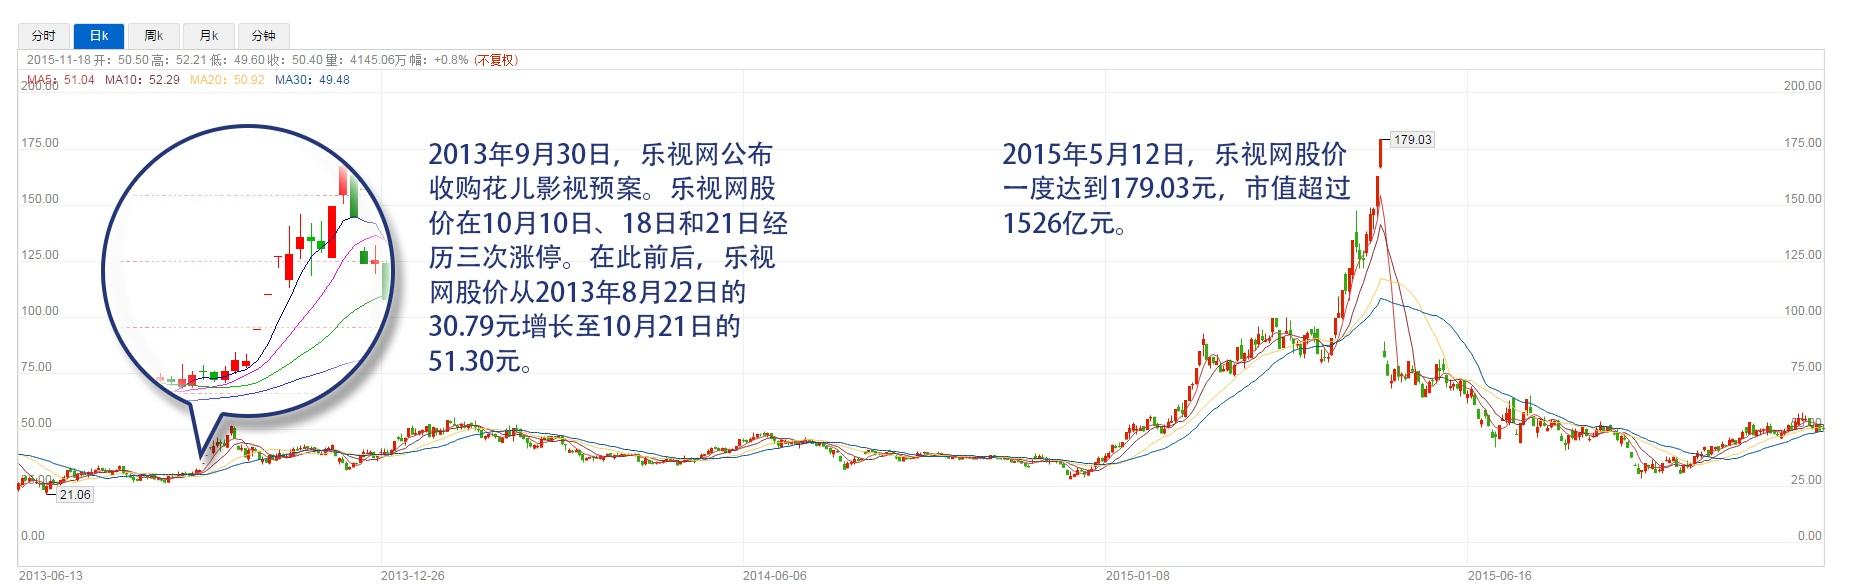 乐视股价走势图